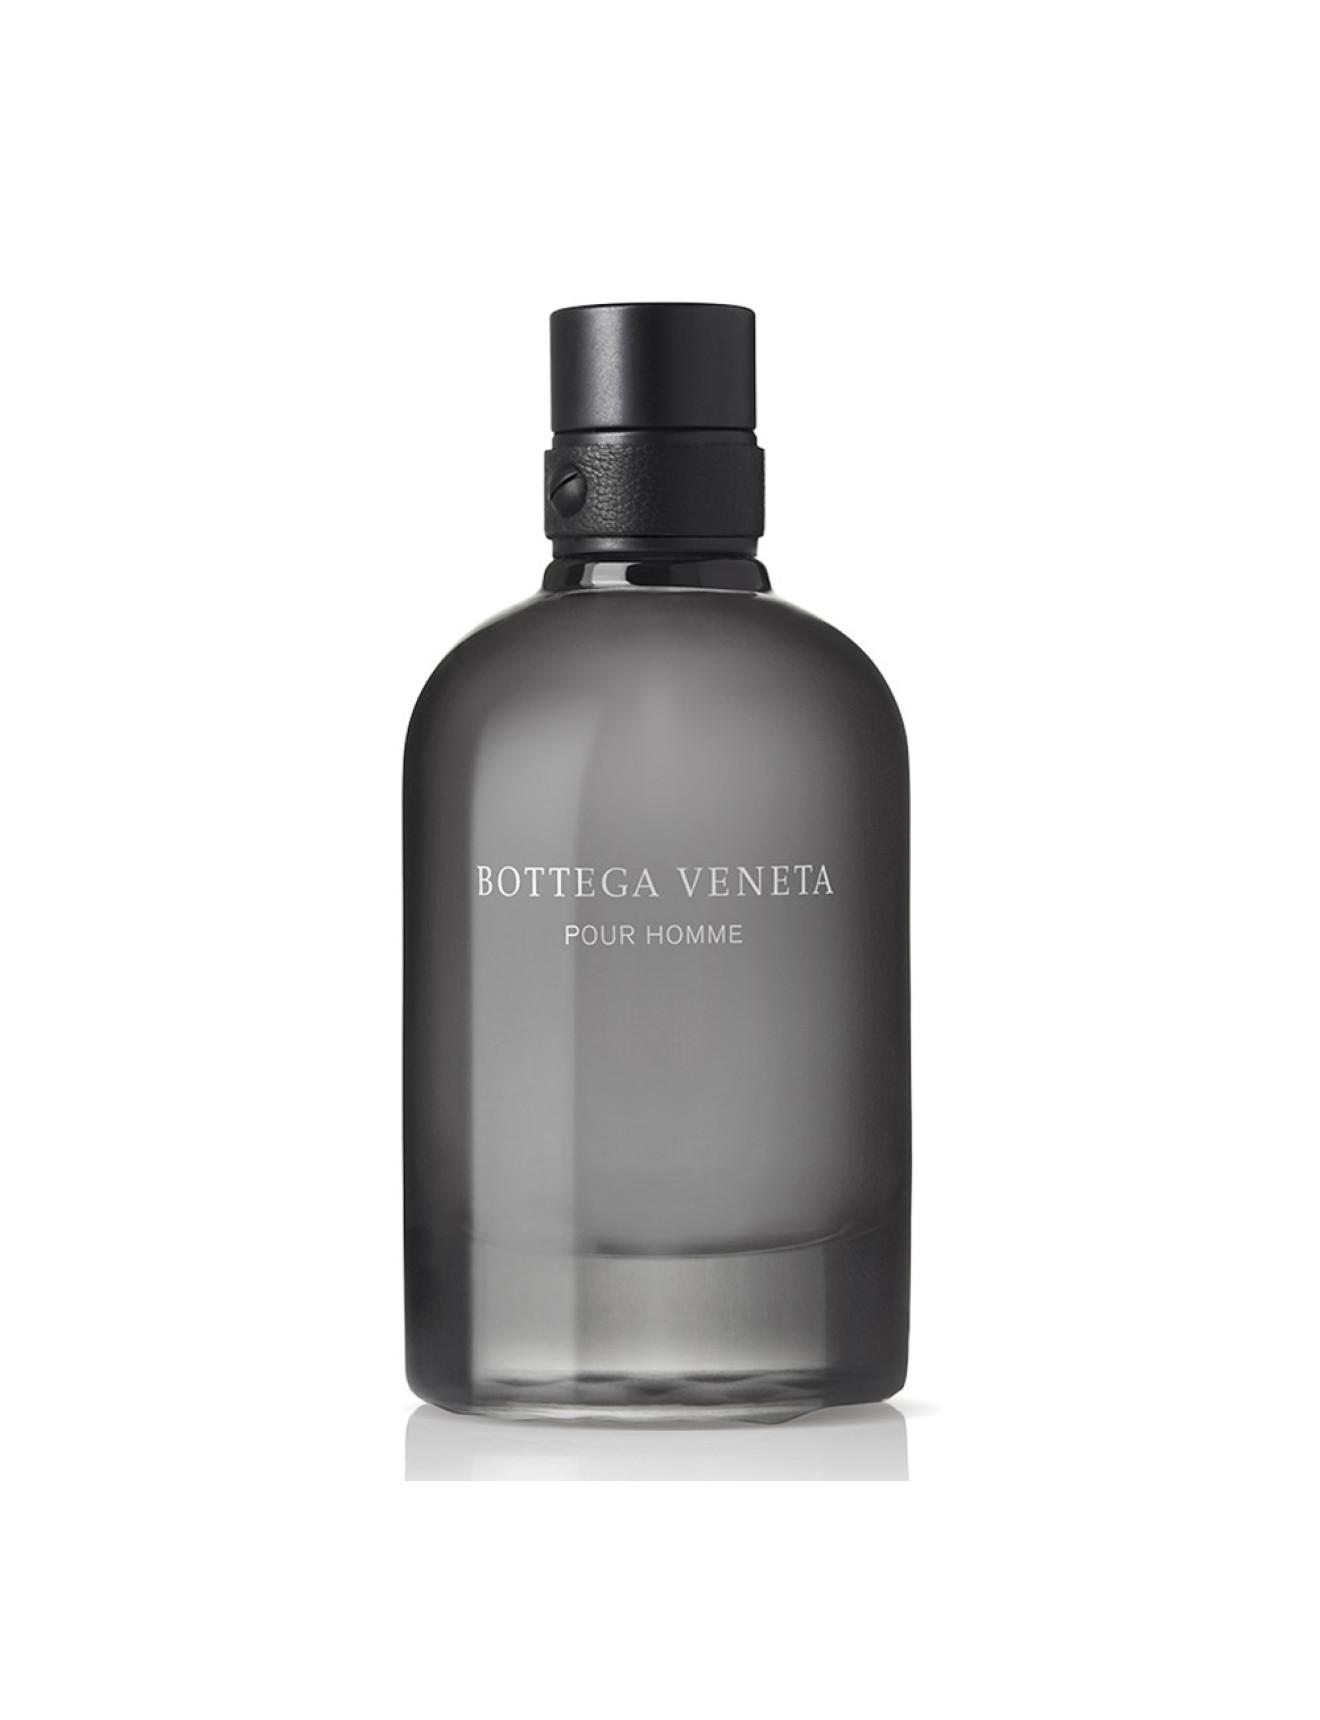 Bottega Veneta Pour Homme the perfect gift for dad